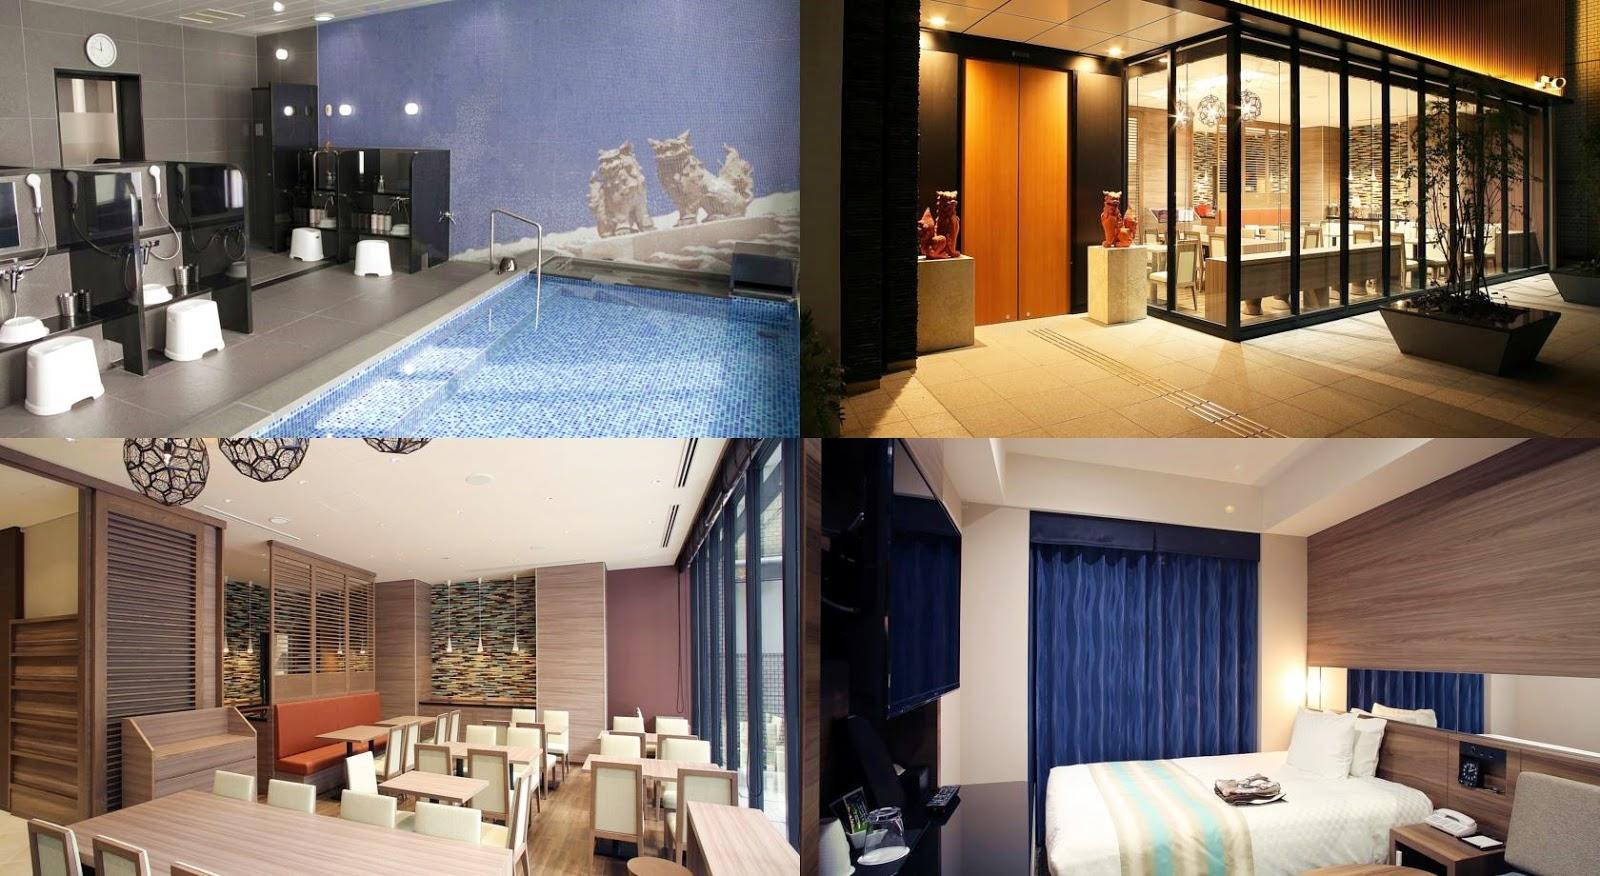 沖繩-住宿-推薦-飯店-旅館-民宿-公寓-那霸-縣廳前阿爾蒙特酒店Almont-Hotel-Naha-Kenchomae-Okinawa-hotel-recommendation